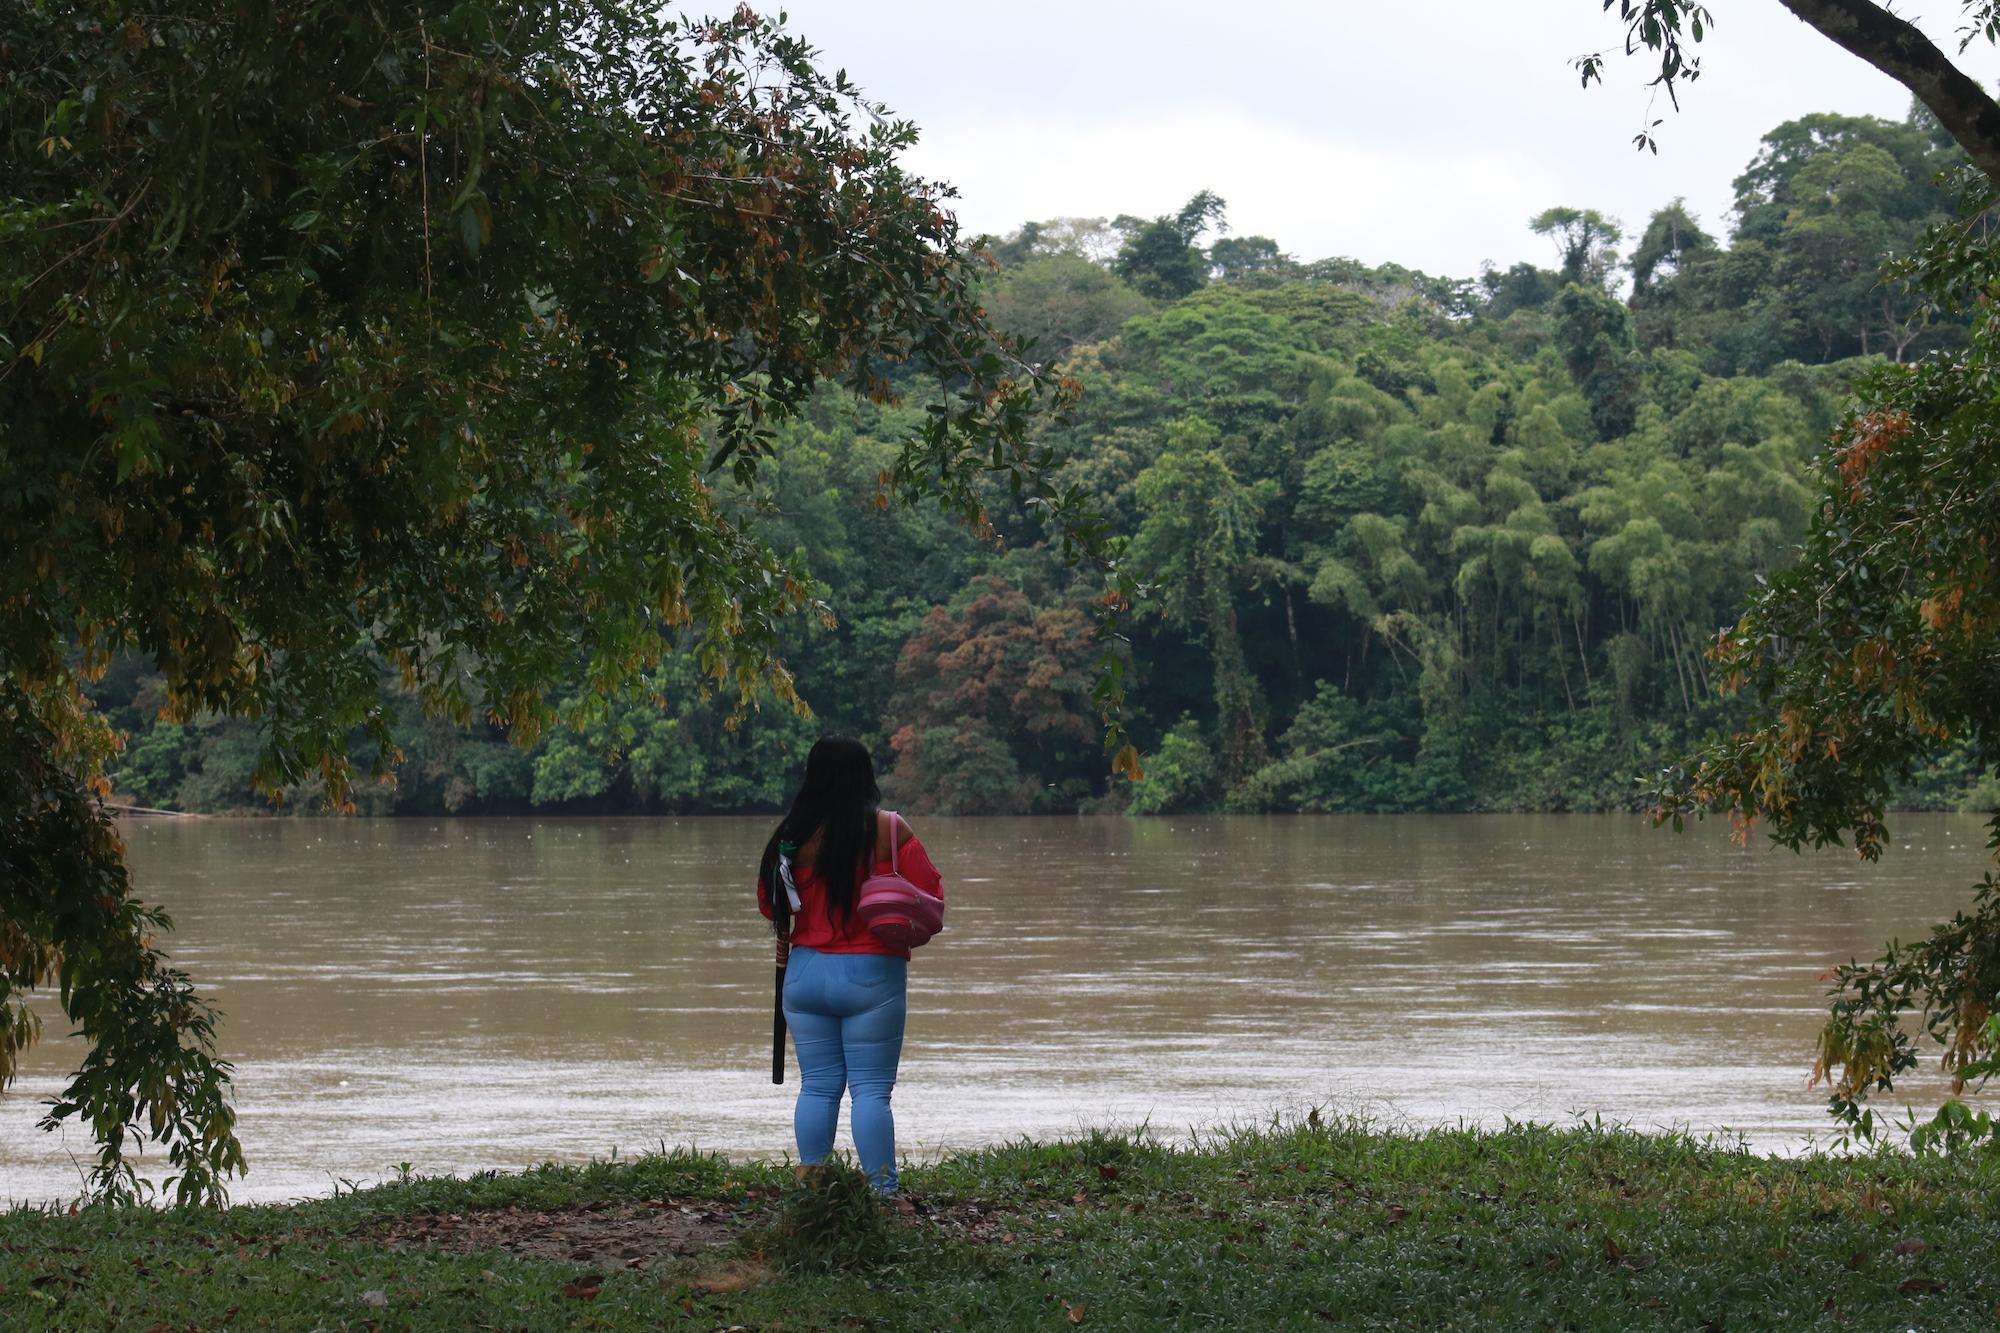 Indígenas siona en peligro. Milena Payoguaje, gobernadora del cabildo Bajo Santa Elena, mira hacia el río Putumayo. La mayoría de su pueblo, los siona, viven a orillas de estas aguas que en este punto son la frontera natural entre Colombia y Ecuador. Foto: César Rojas Ángel.